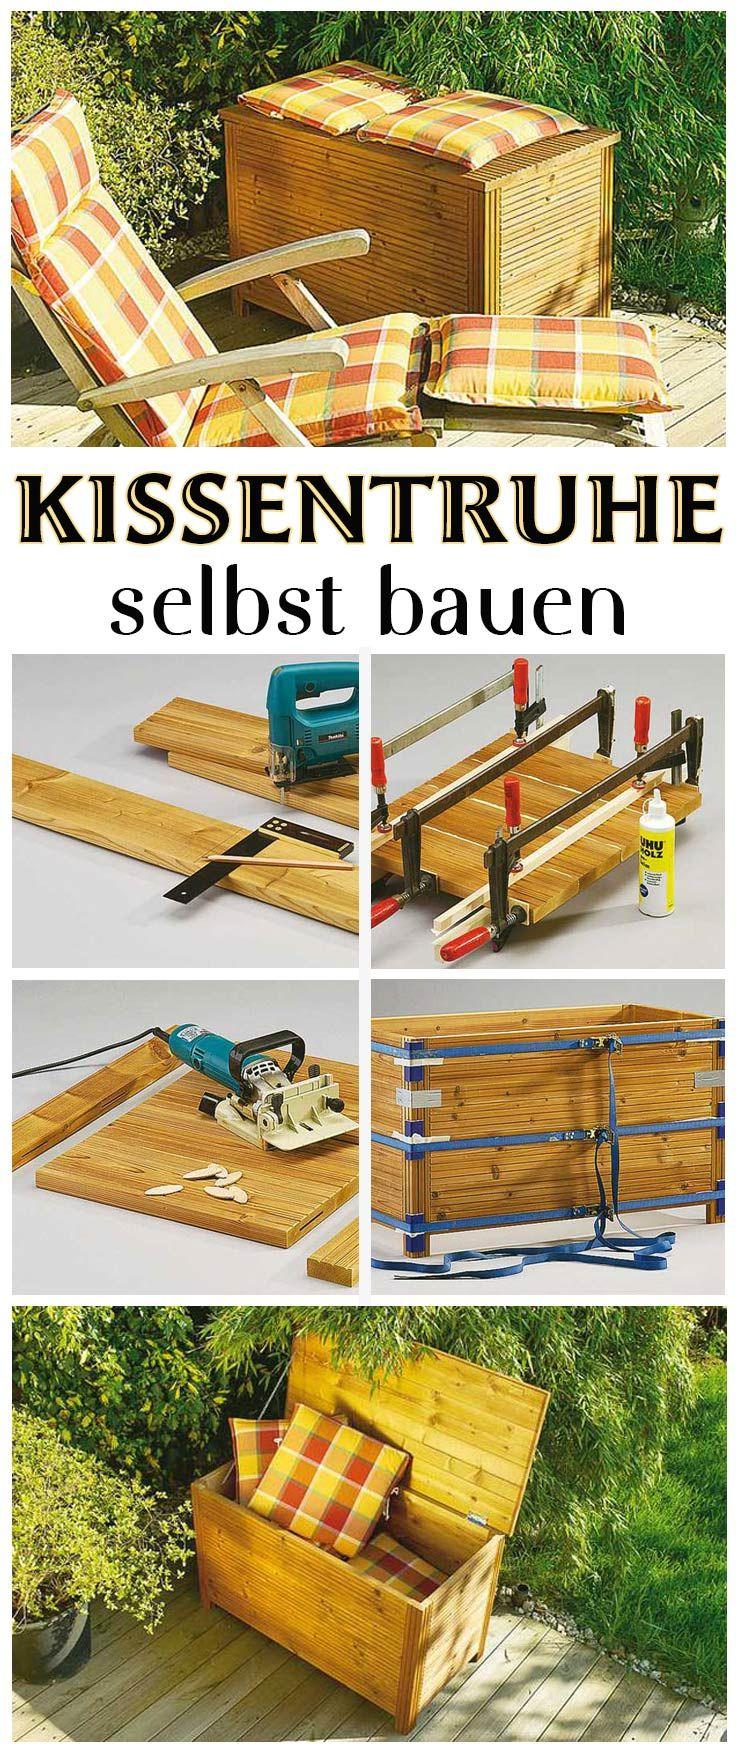 Holztruhe Bauen Projects Kissentruhe Aufbewahrung Garten Und